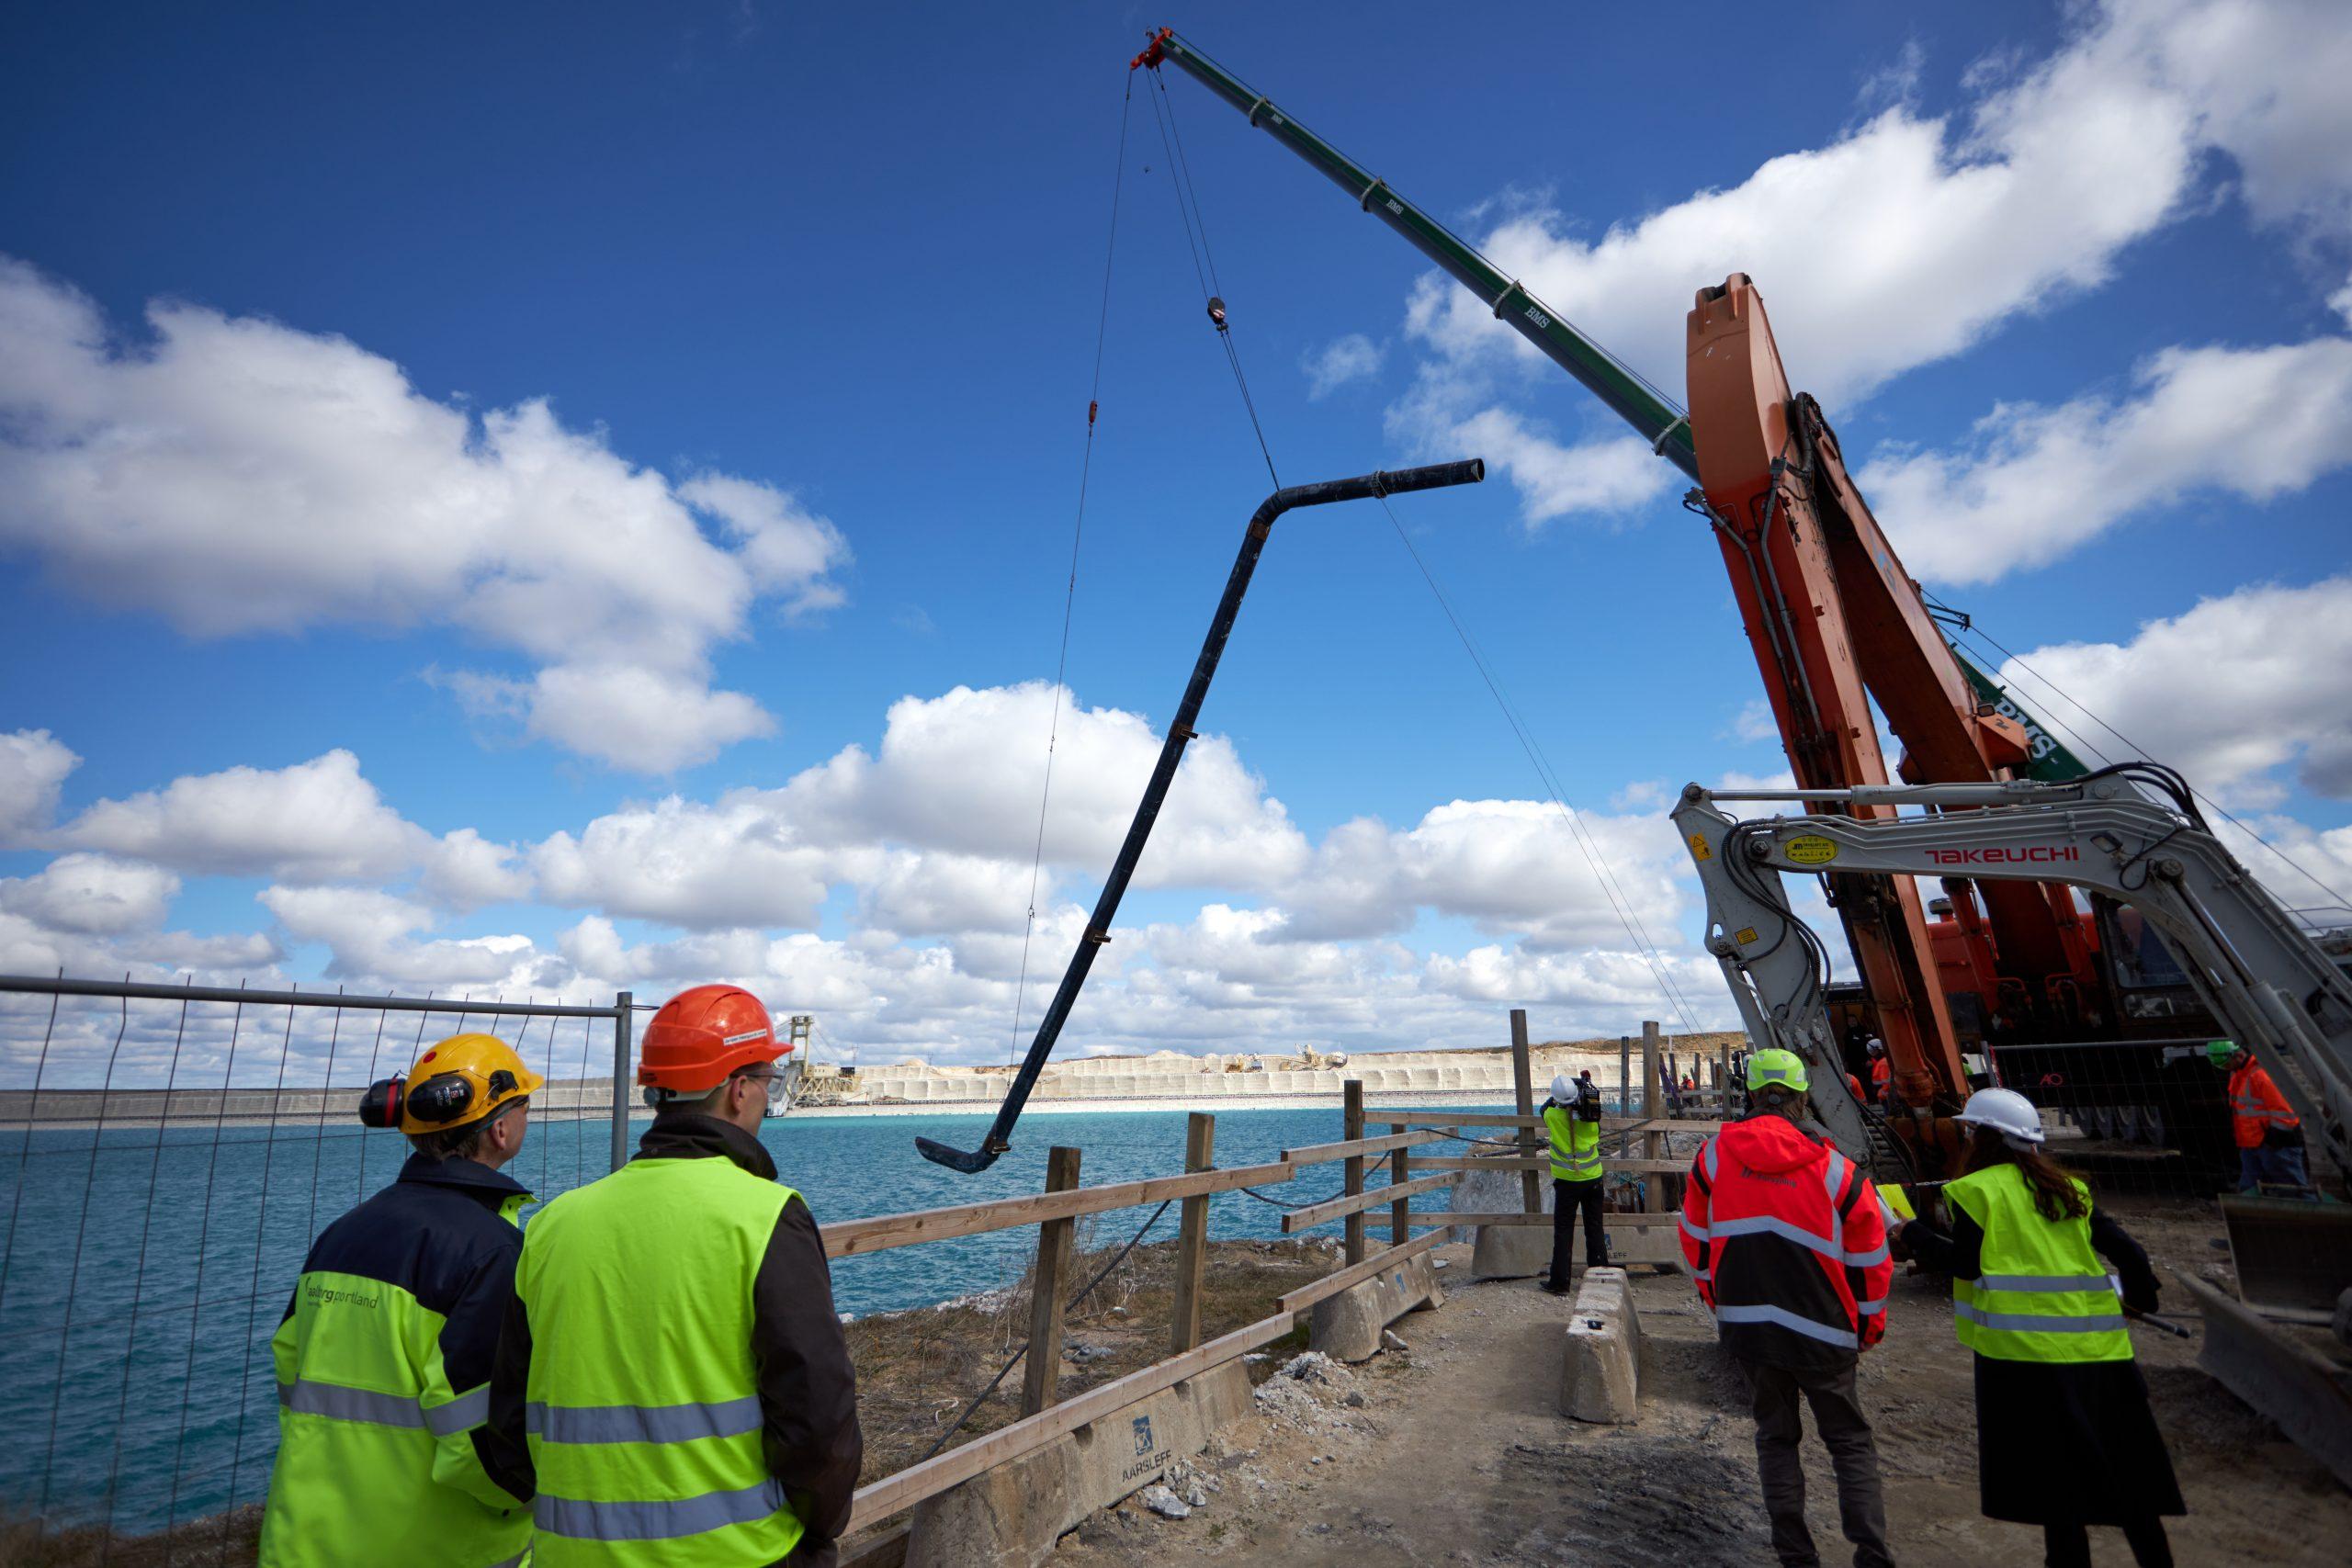 Klimavenlig fjernkøling: Gigantisk sugerør på 27 meter er nu sænket ned i kridtsø